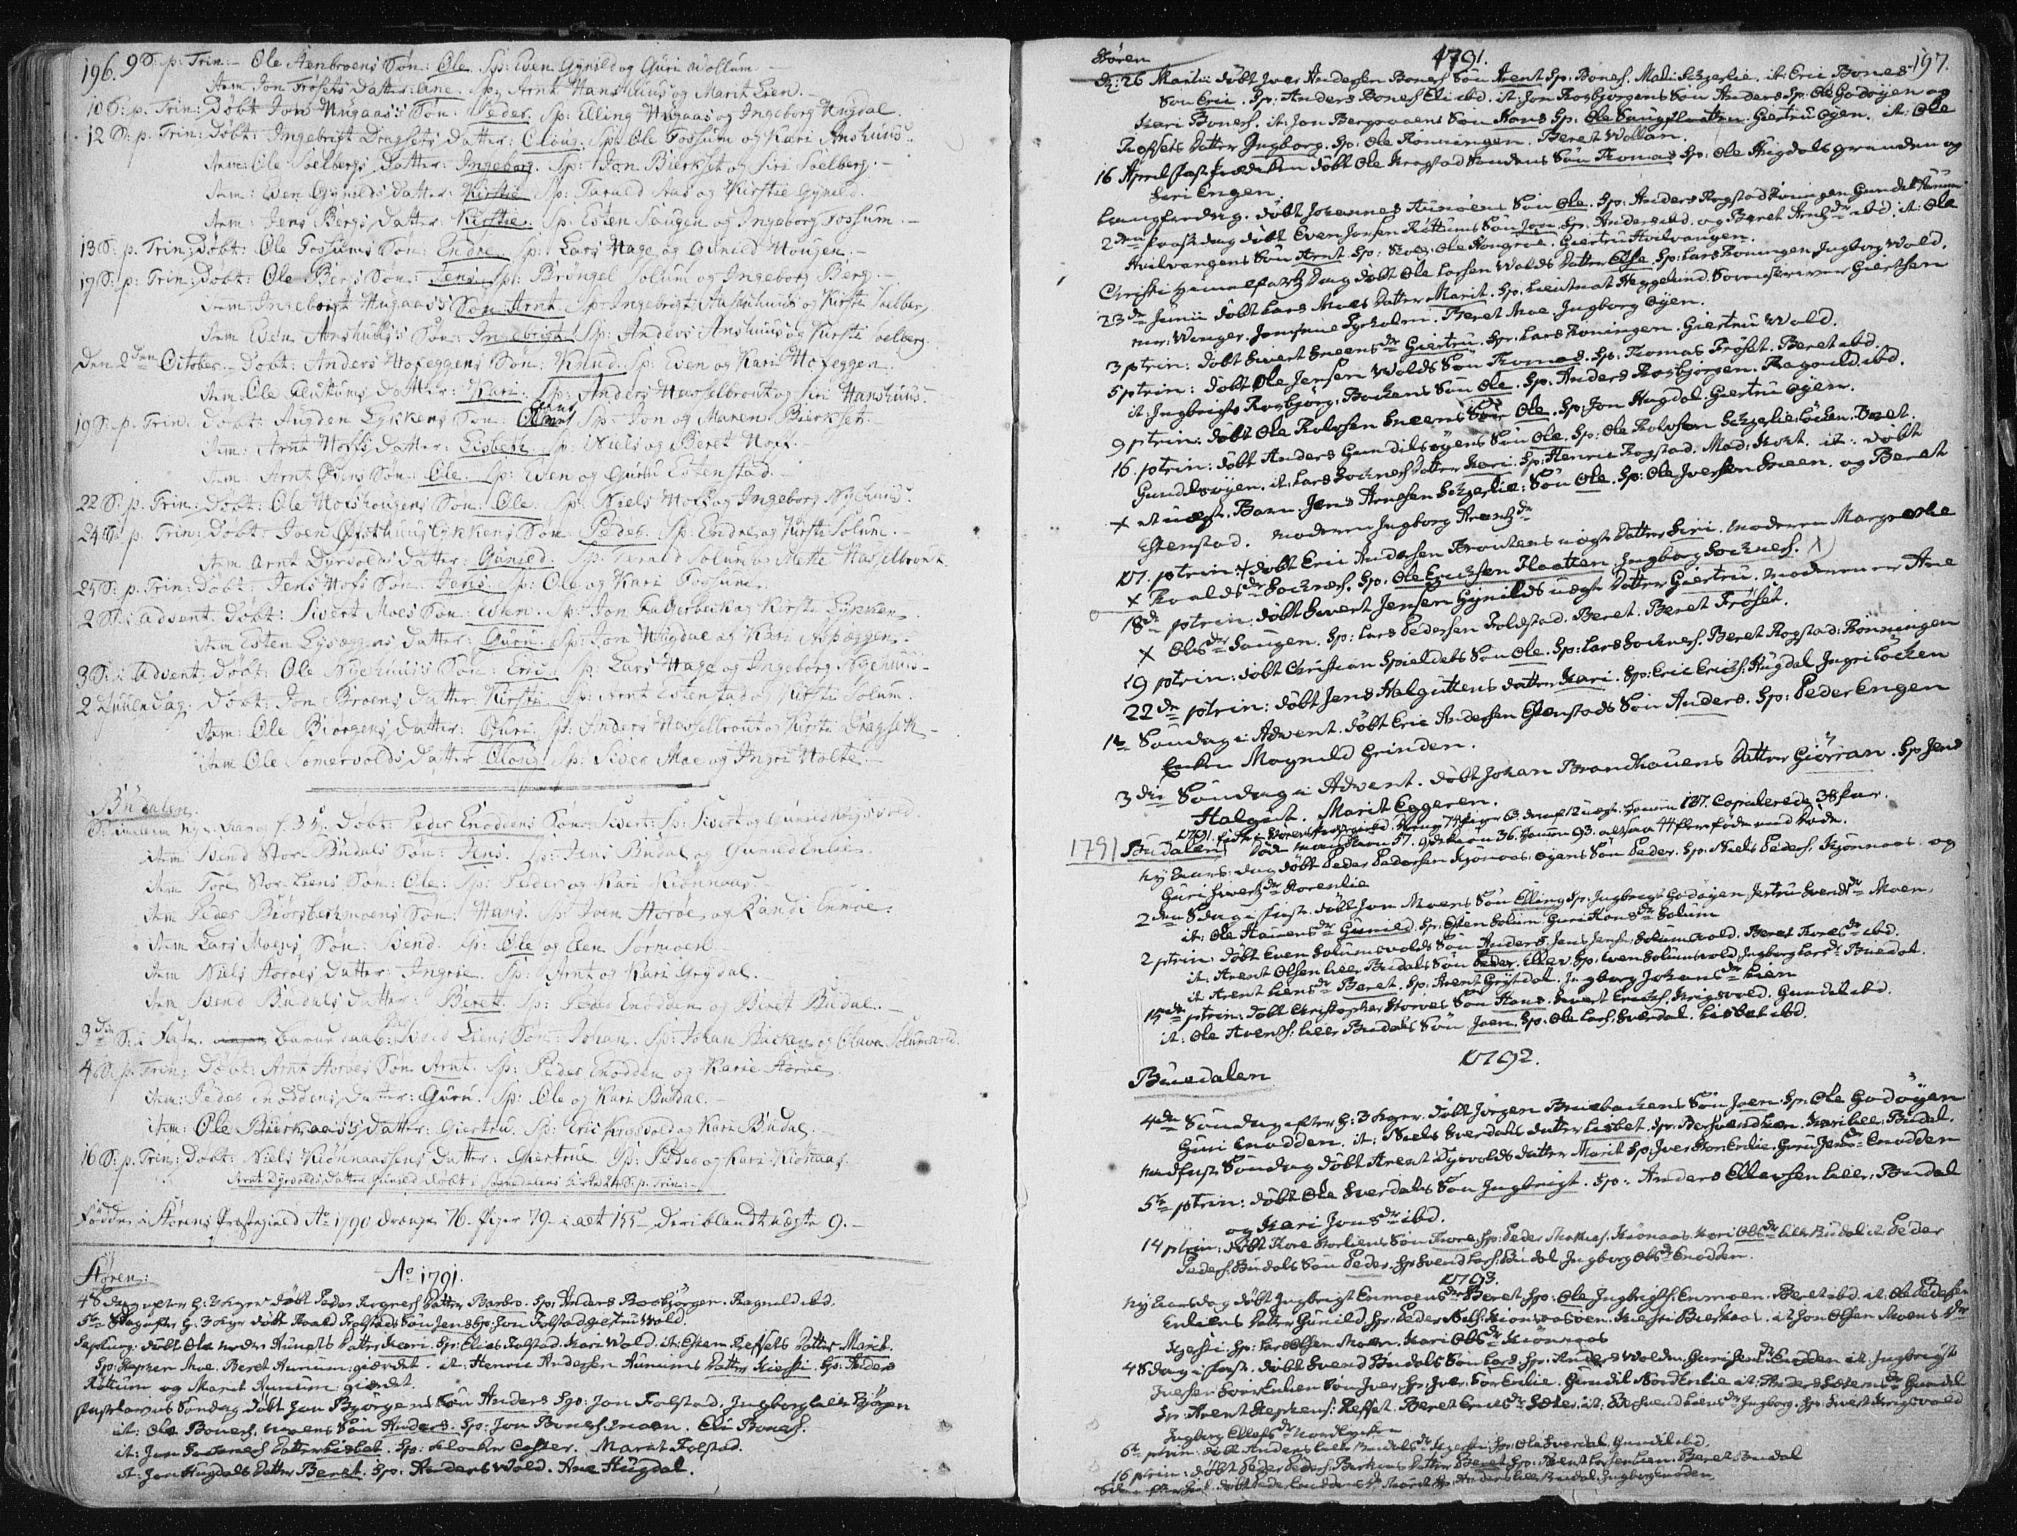 SAT, Ministerialprotokoller, klokkerbøker og fødselsregistre - Sør-Trøndelag, 687/L0992: Ministerialbok nr. 687A03 /1, 1788-1815, s. 196-197